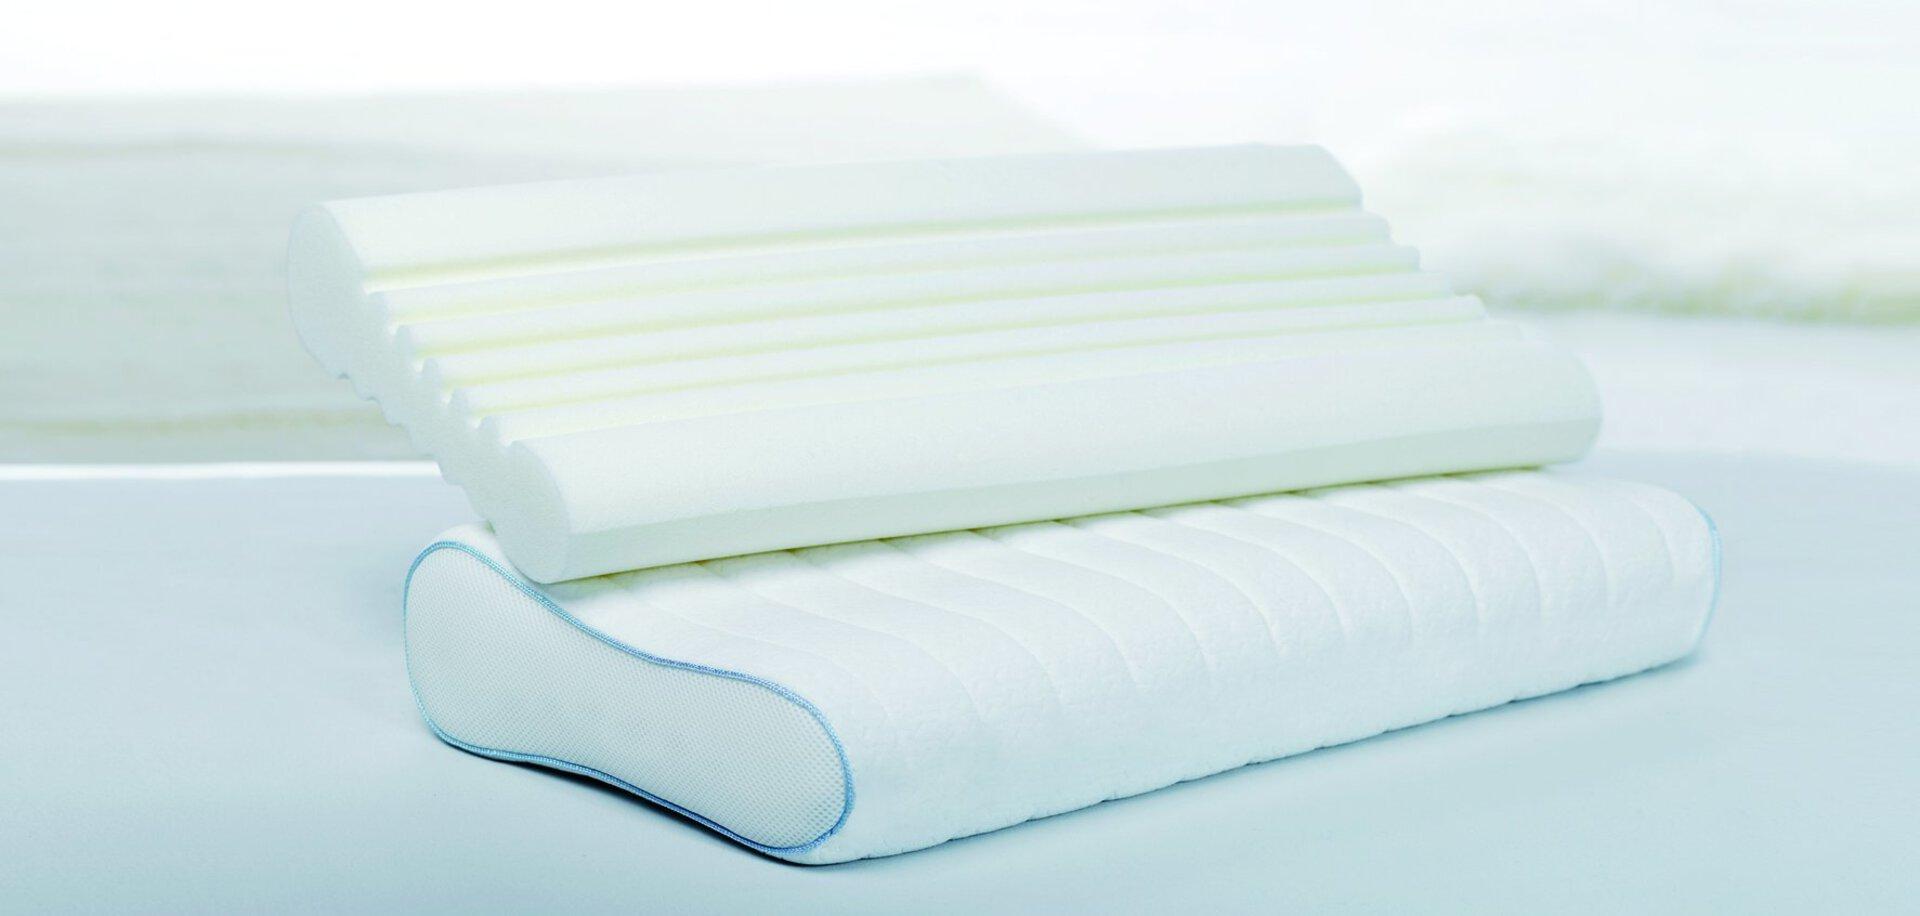 Nackenstützkissen Paratex Ergonomic Paradies Textil